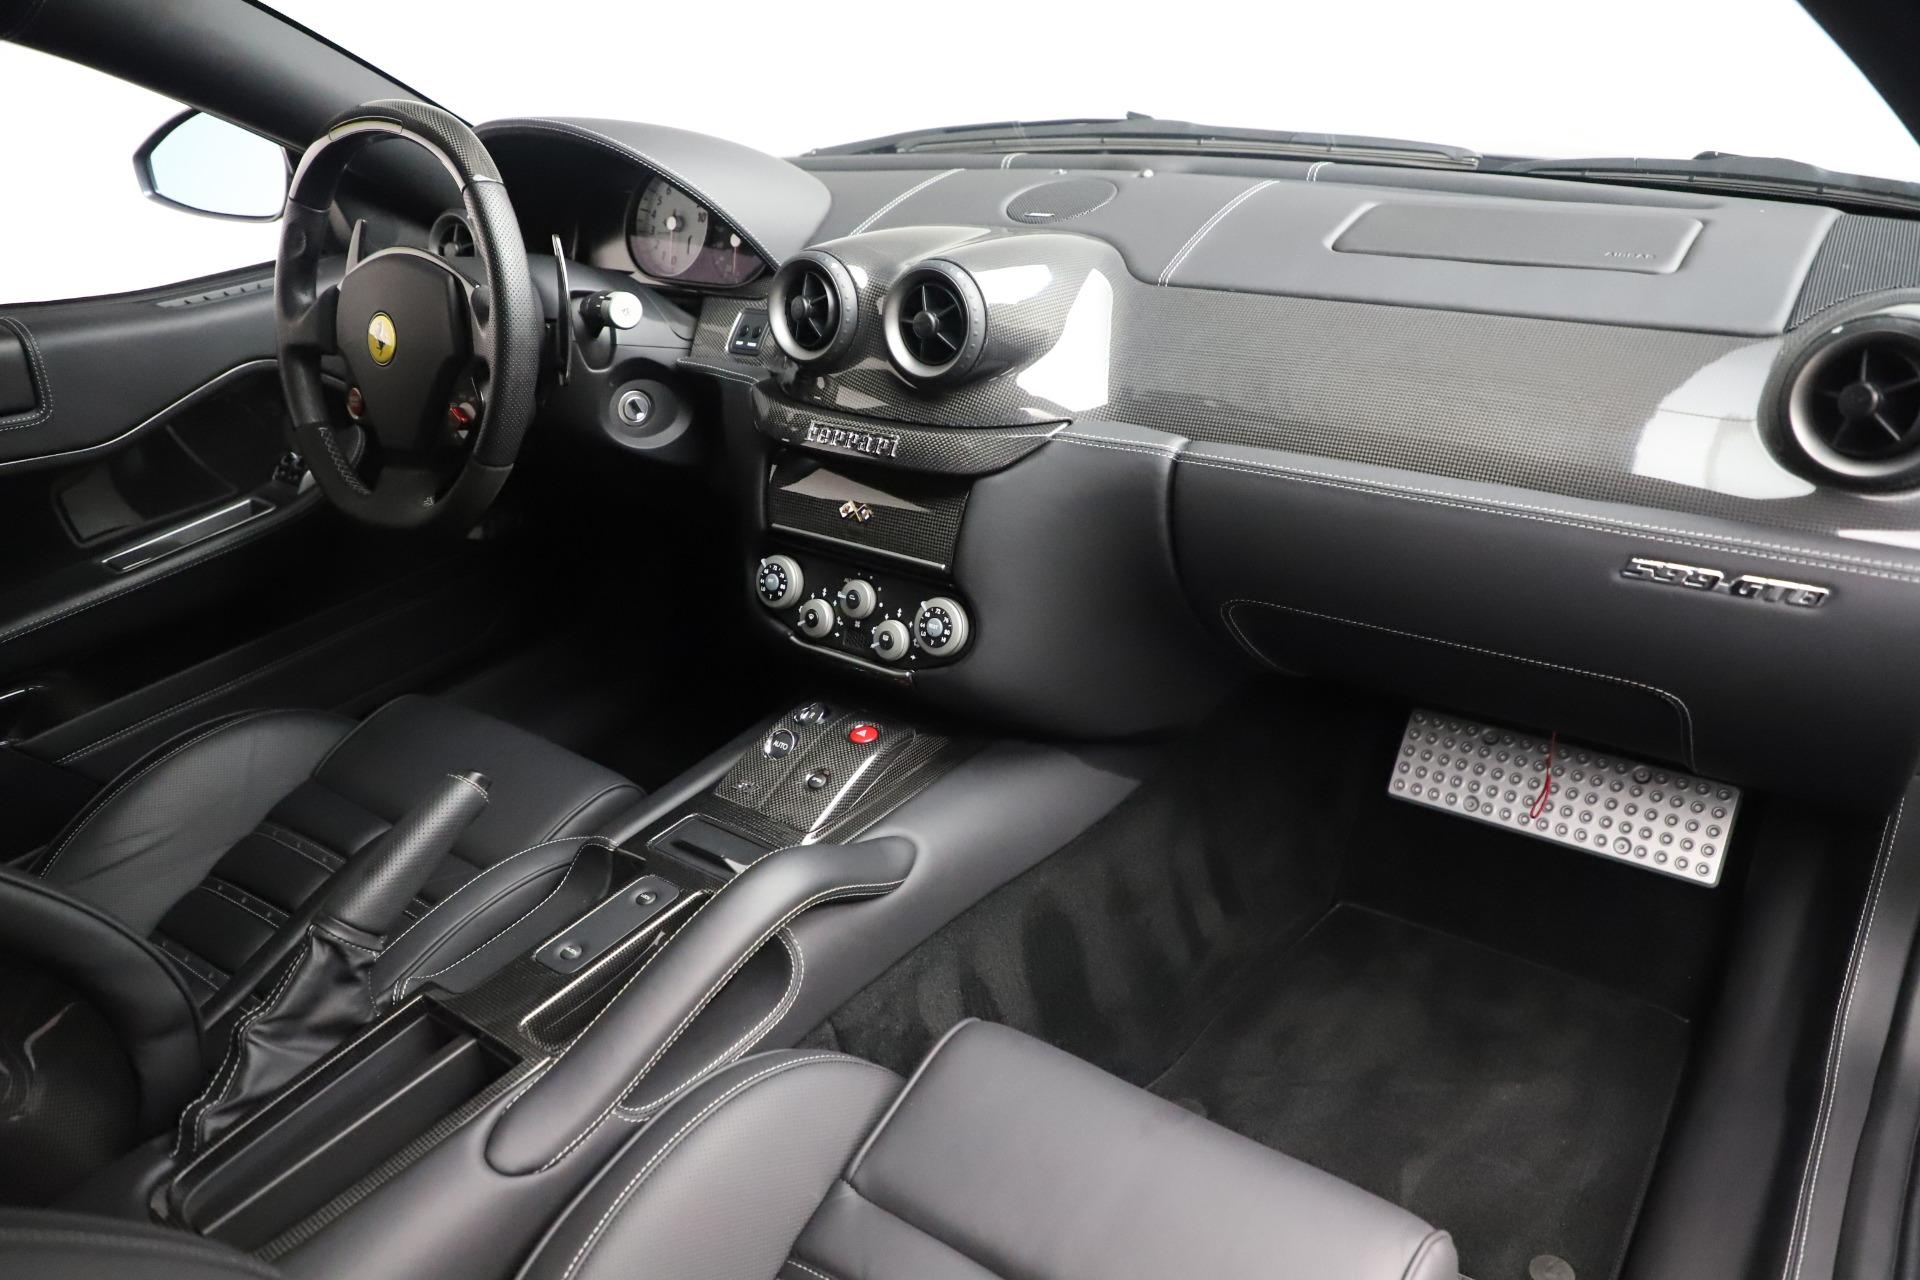 Used 2010 Ferrari 599 GTB Fiorano HGTE For Sale In Westport, CT 3544_p16